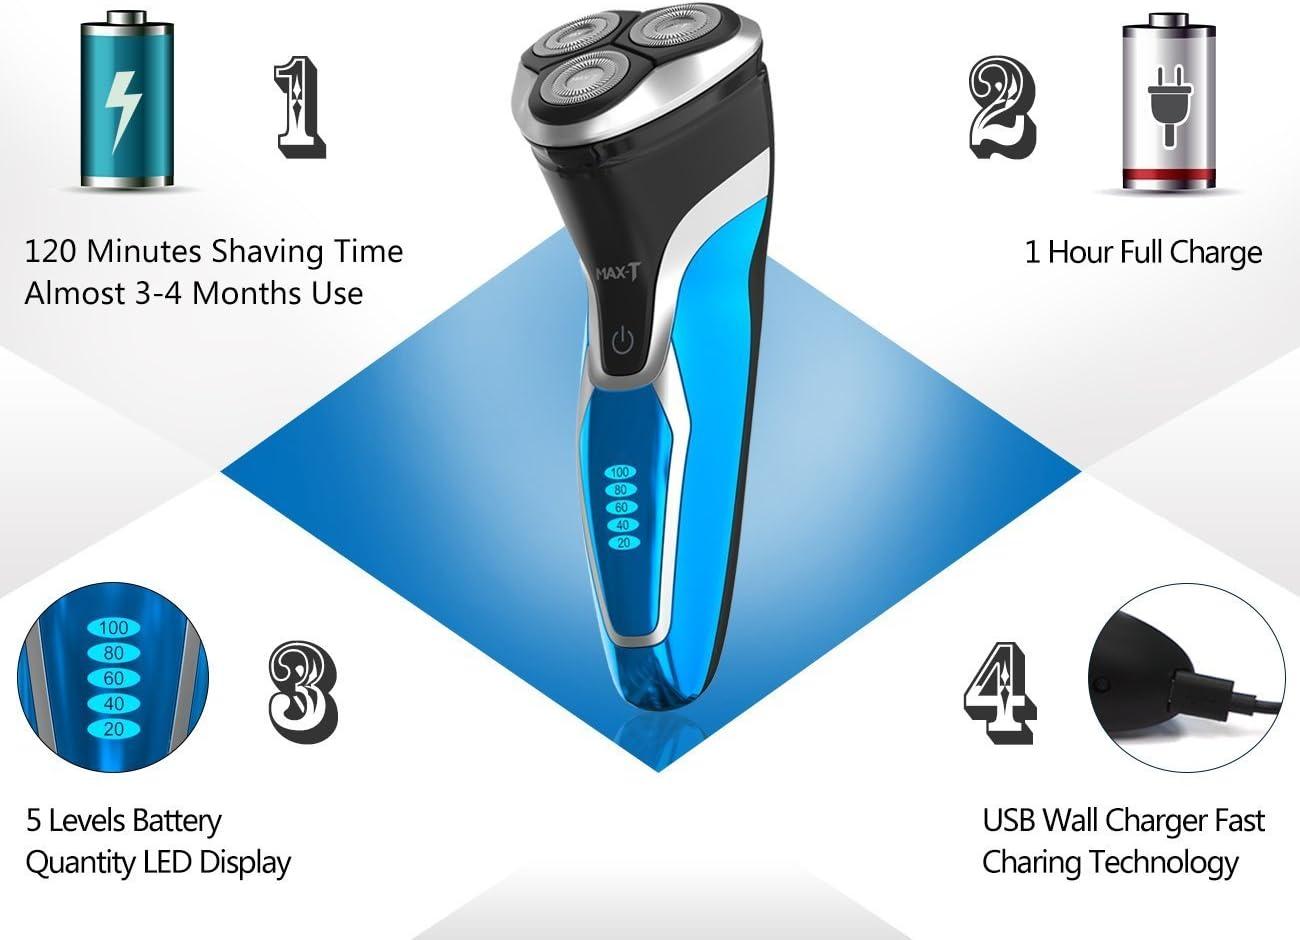 MAX-T RMS7109 Afeitadora Eléctrica Barba Hombre IPX7 100% Impermeable Húmedo & Seco Máquina Afeitar Barba con Pop-up Trimmer: Amazon.es: Salud y cuidado personal